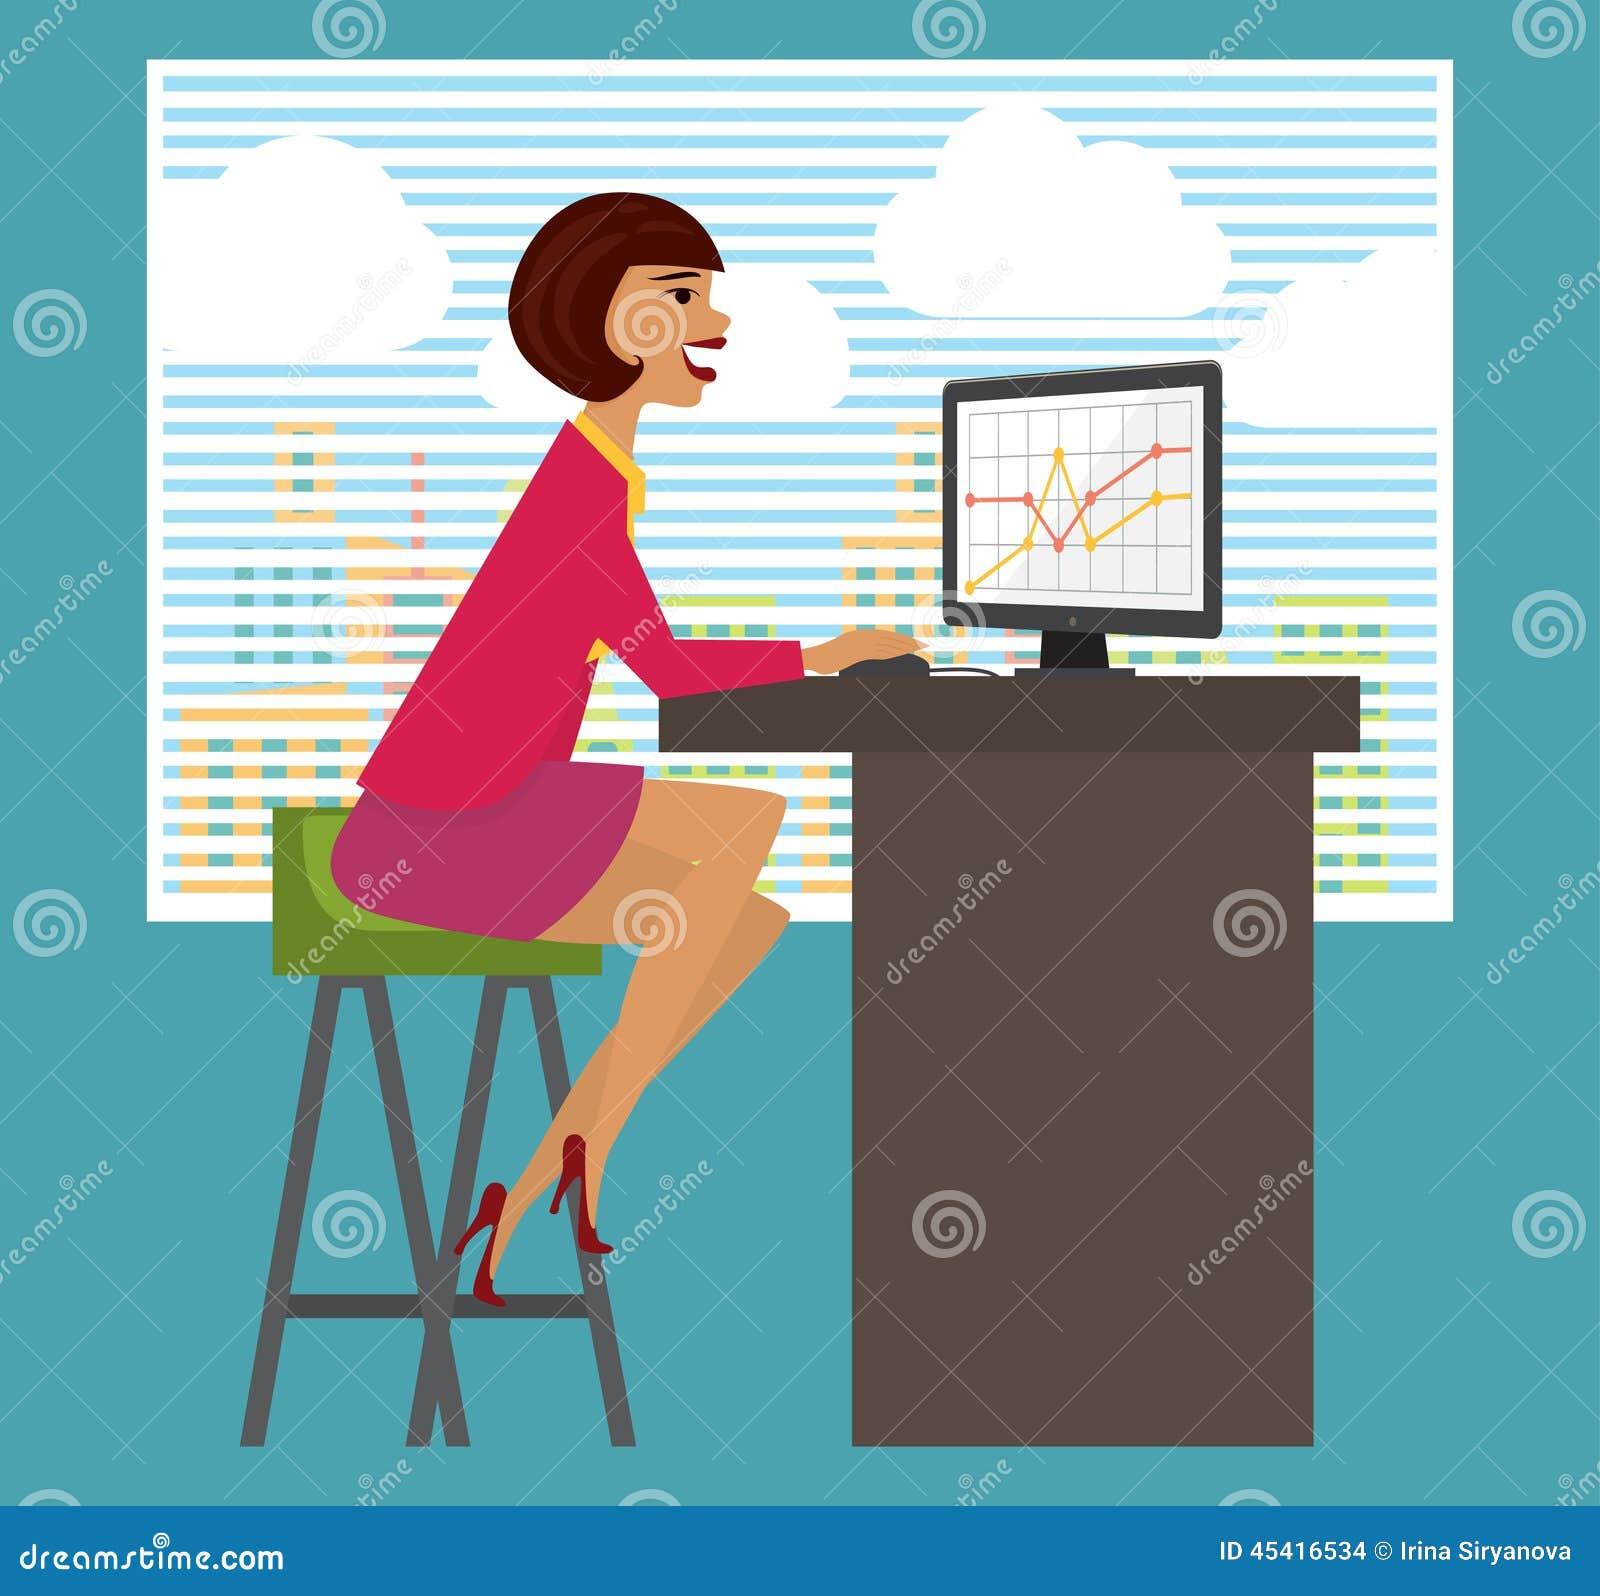 Piano Di Lavoro Scrivania : Posto di lavoro scrivania donna affari che lavora a